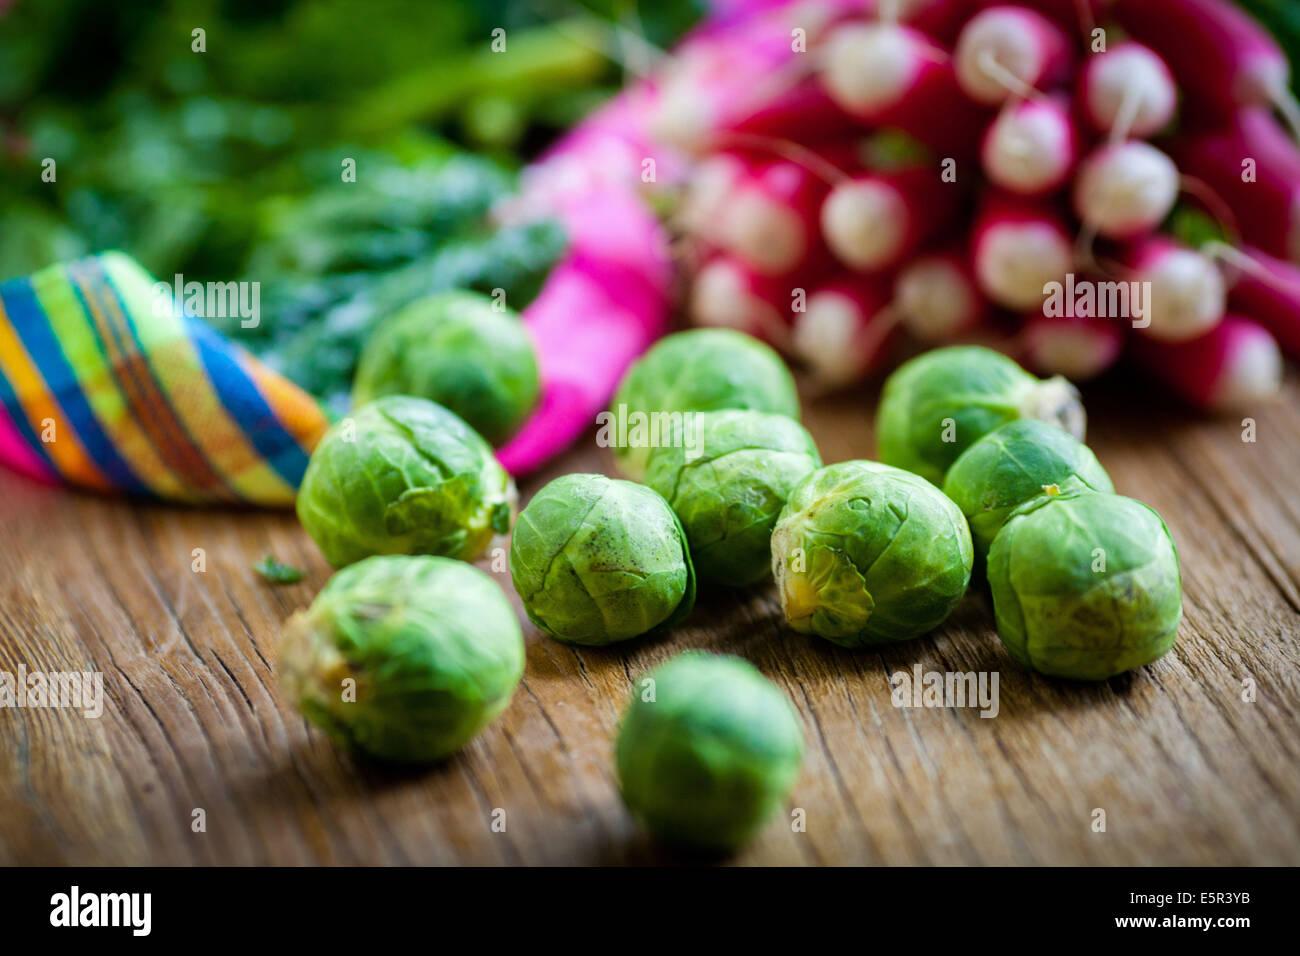 Bodegón de verduras frescas. Imagen De Stock